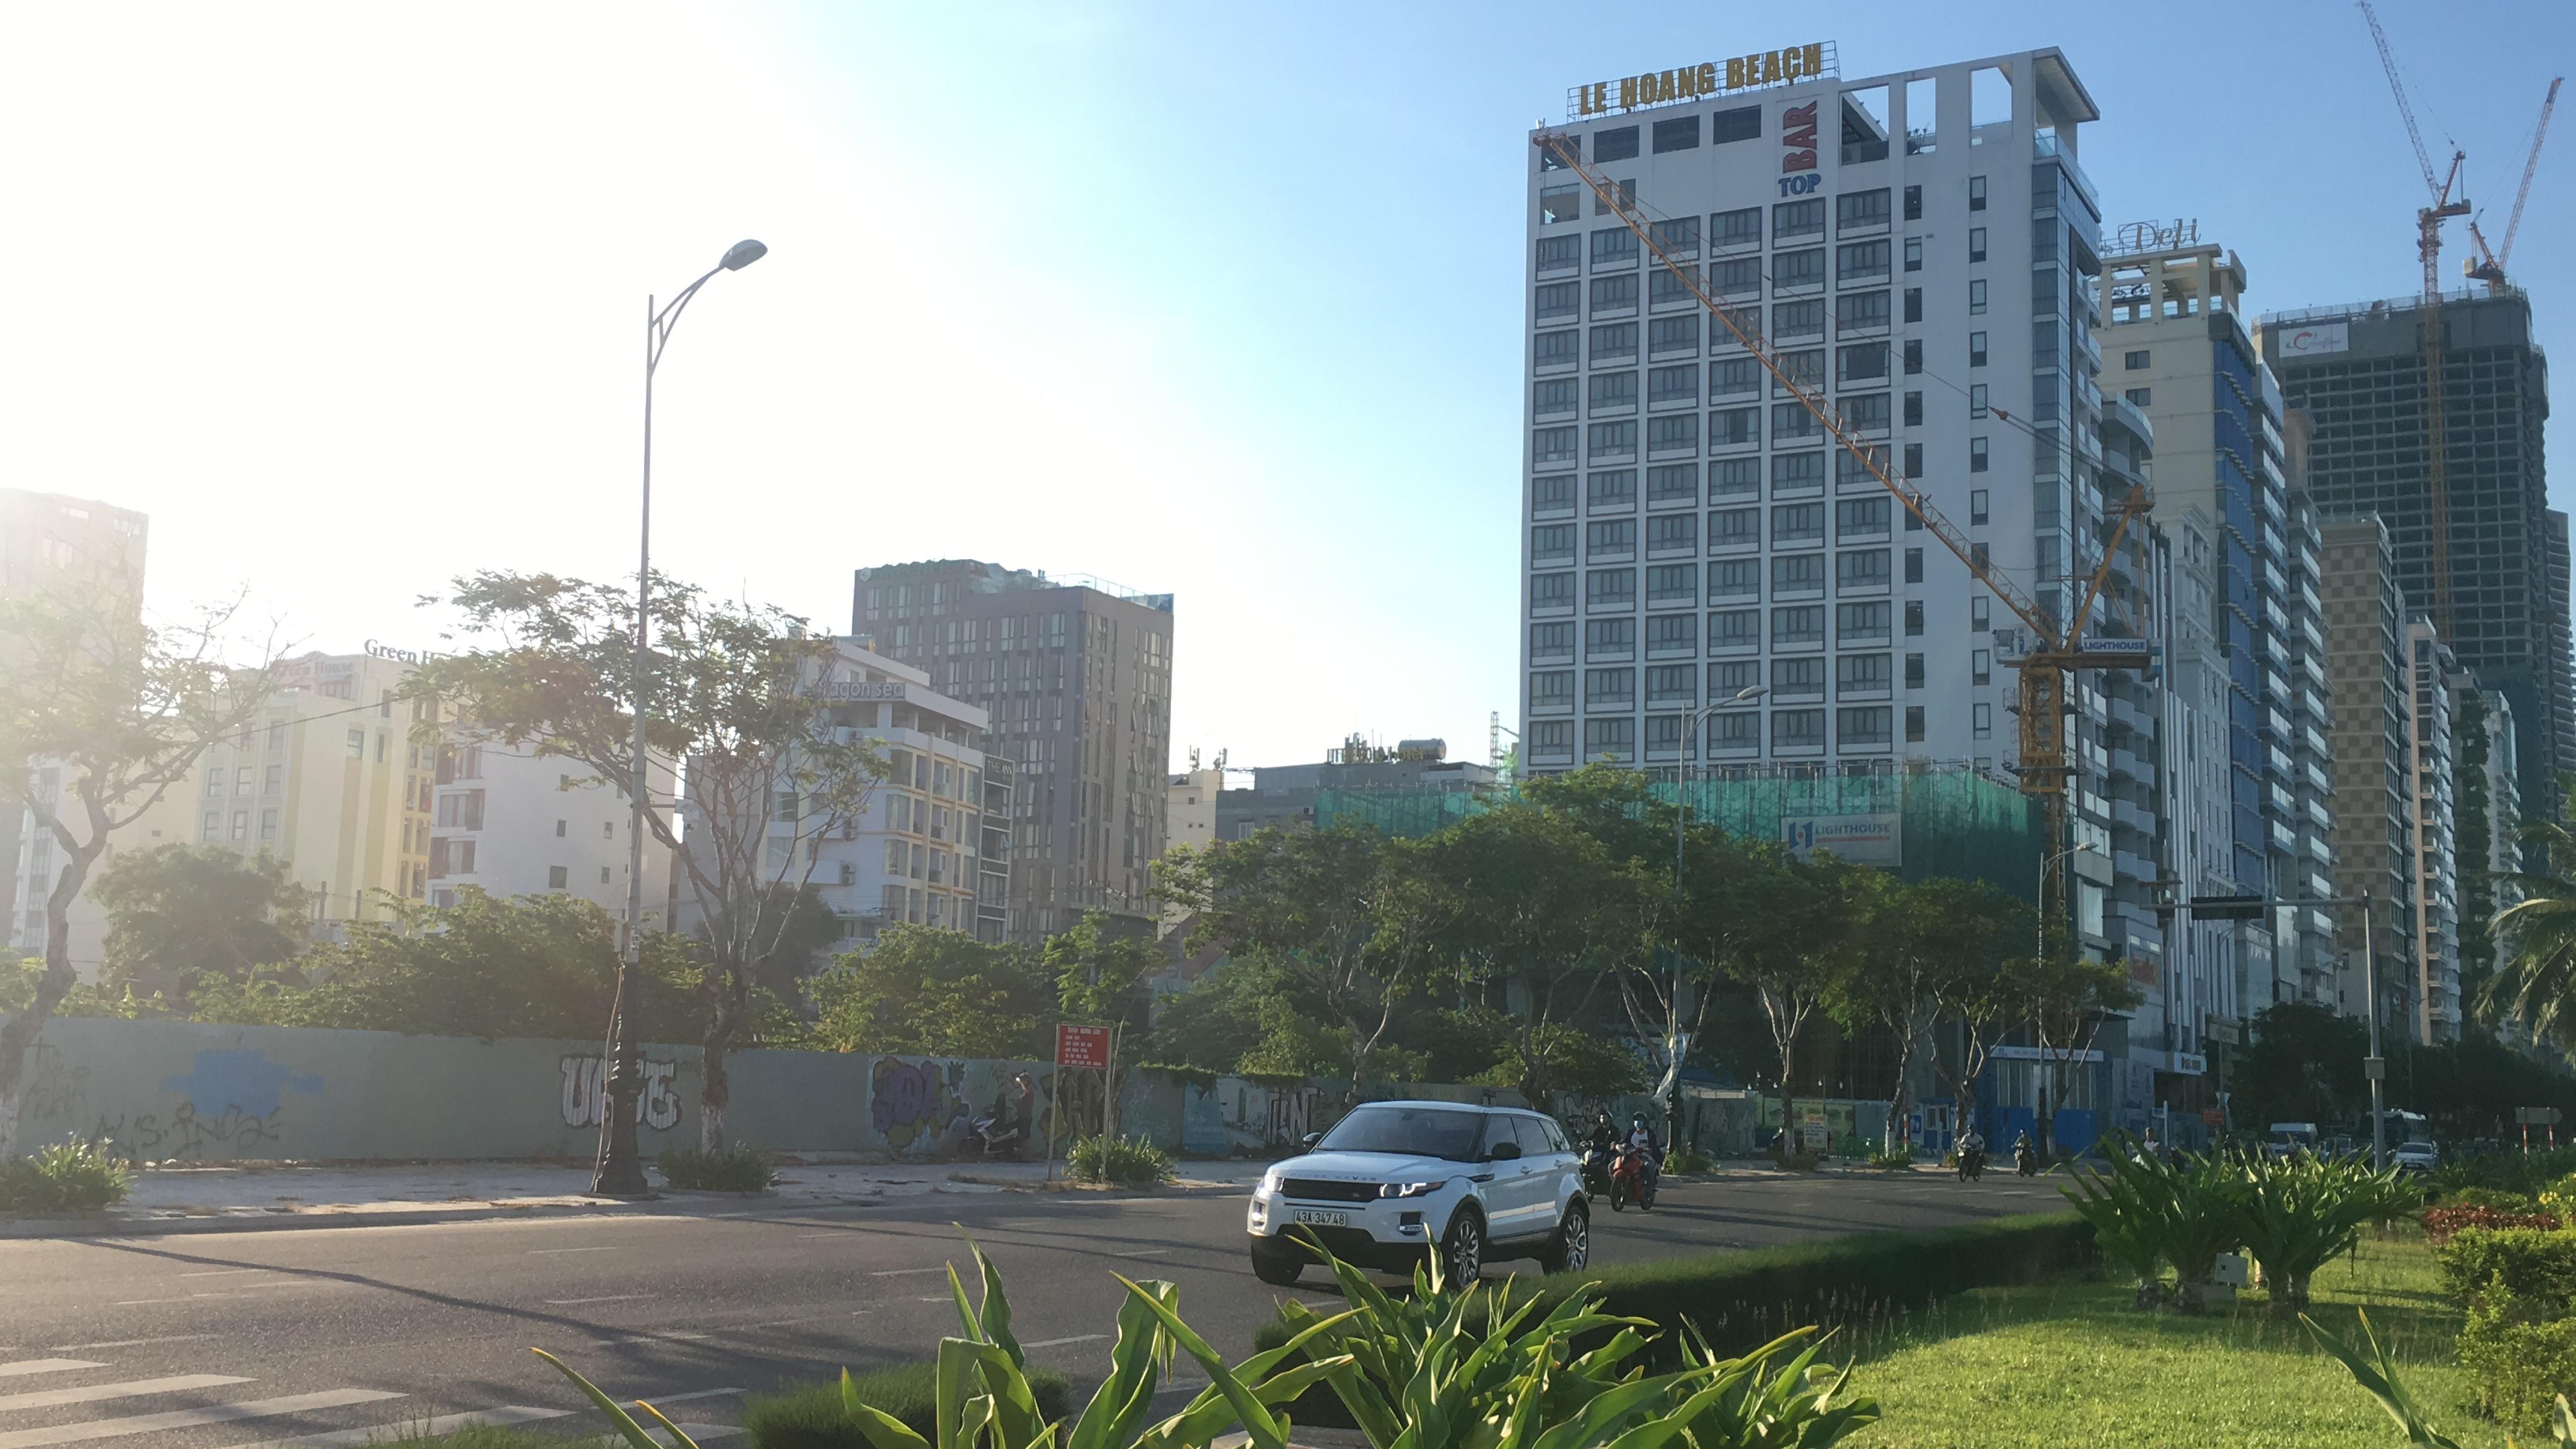 Cận cảnh khu đất ven biển Đà Nẵng sẽ đấu giá làm dự án Trung tâm tài chính, thương mại, casino 2 tỉ USD - Ảnh 2.